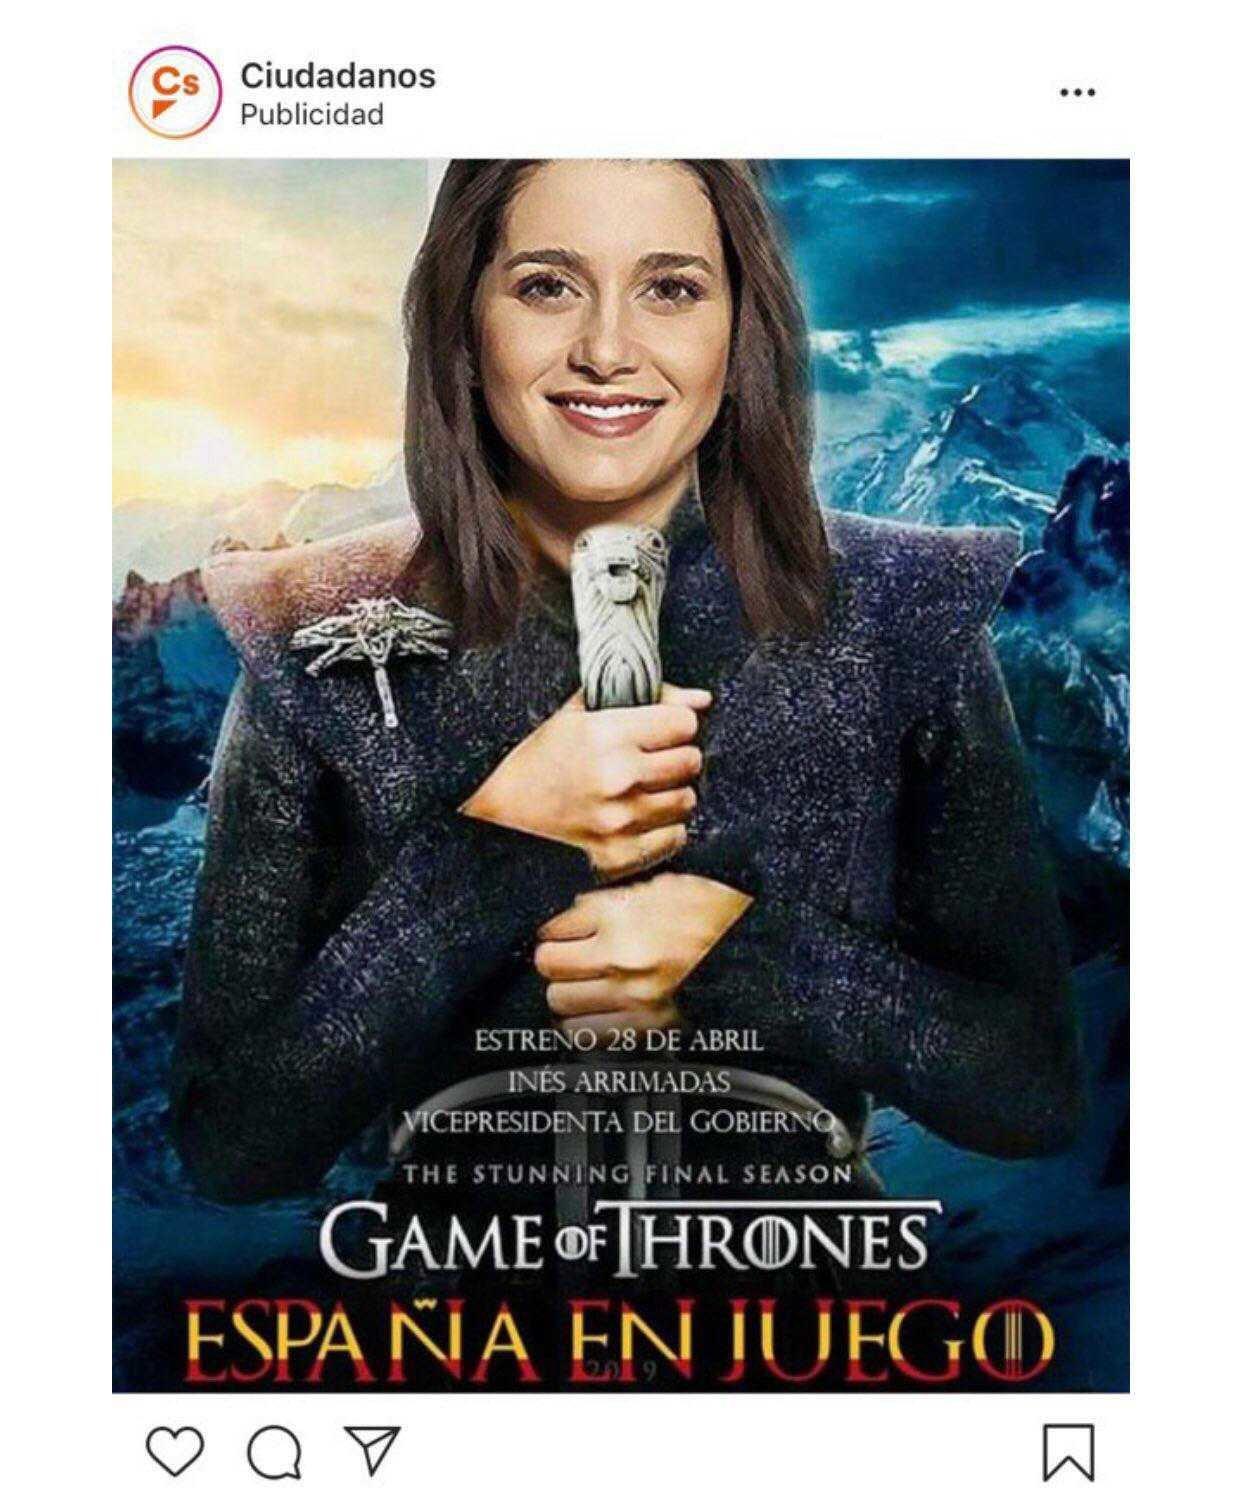 Ciudadanos convierte a Inés Arrimadas en Khaleesi, de 'Juego de tronos'... pero sin permiso de